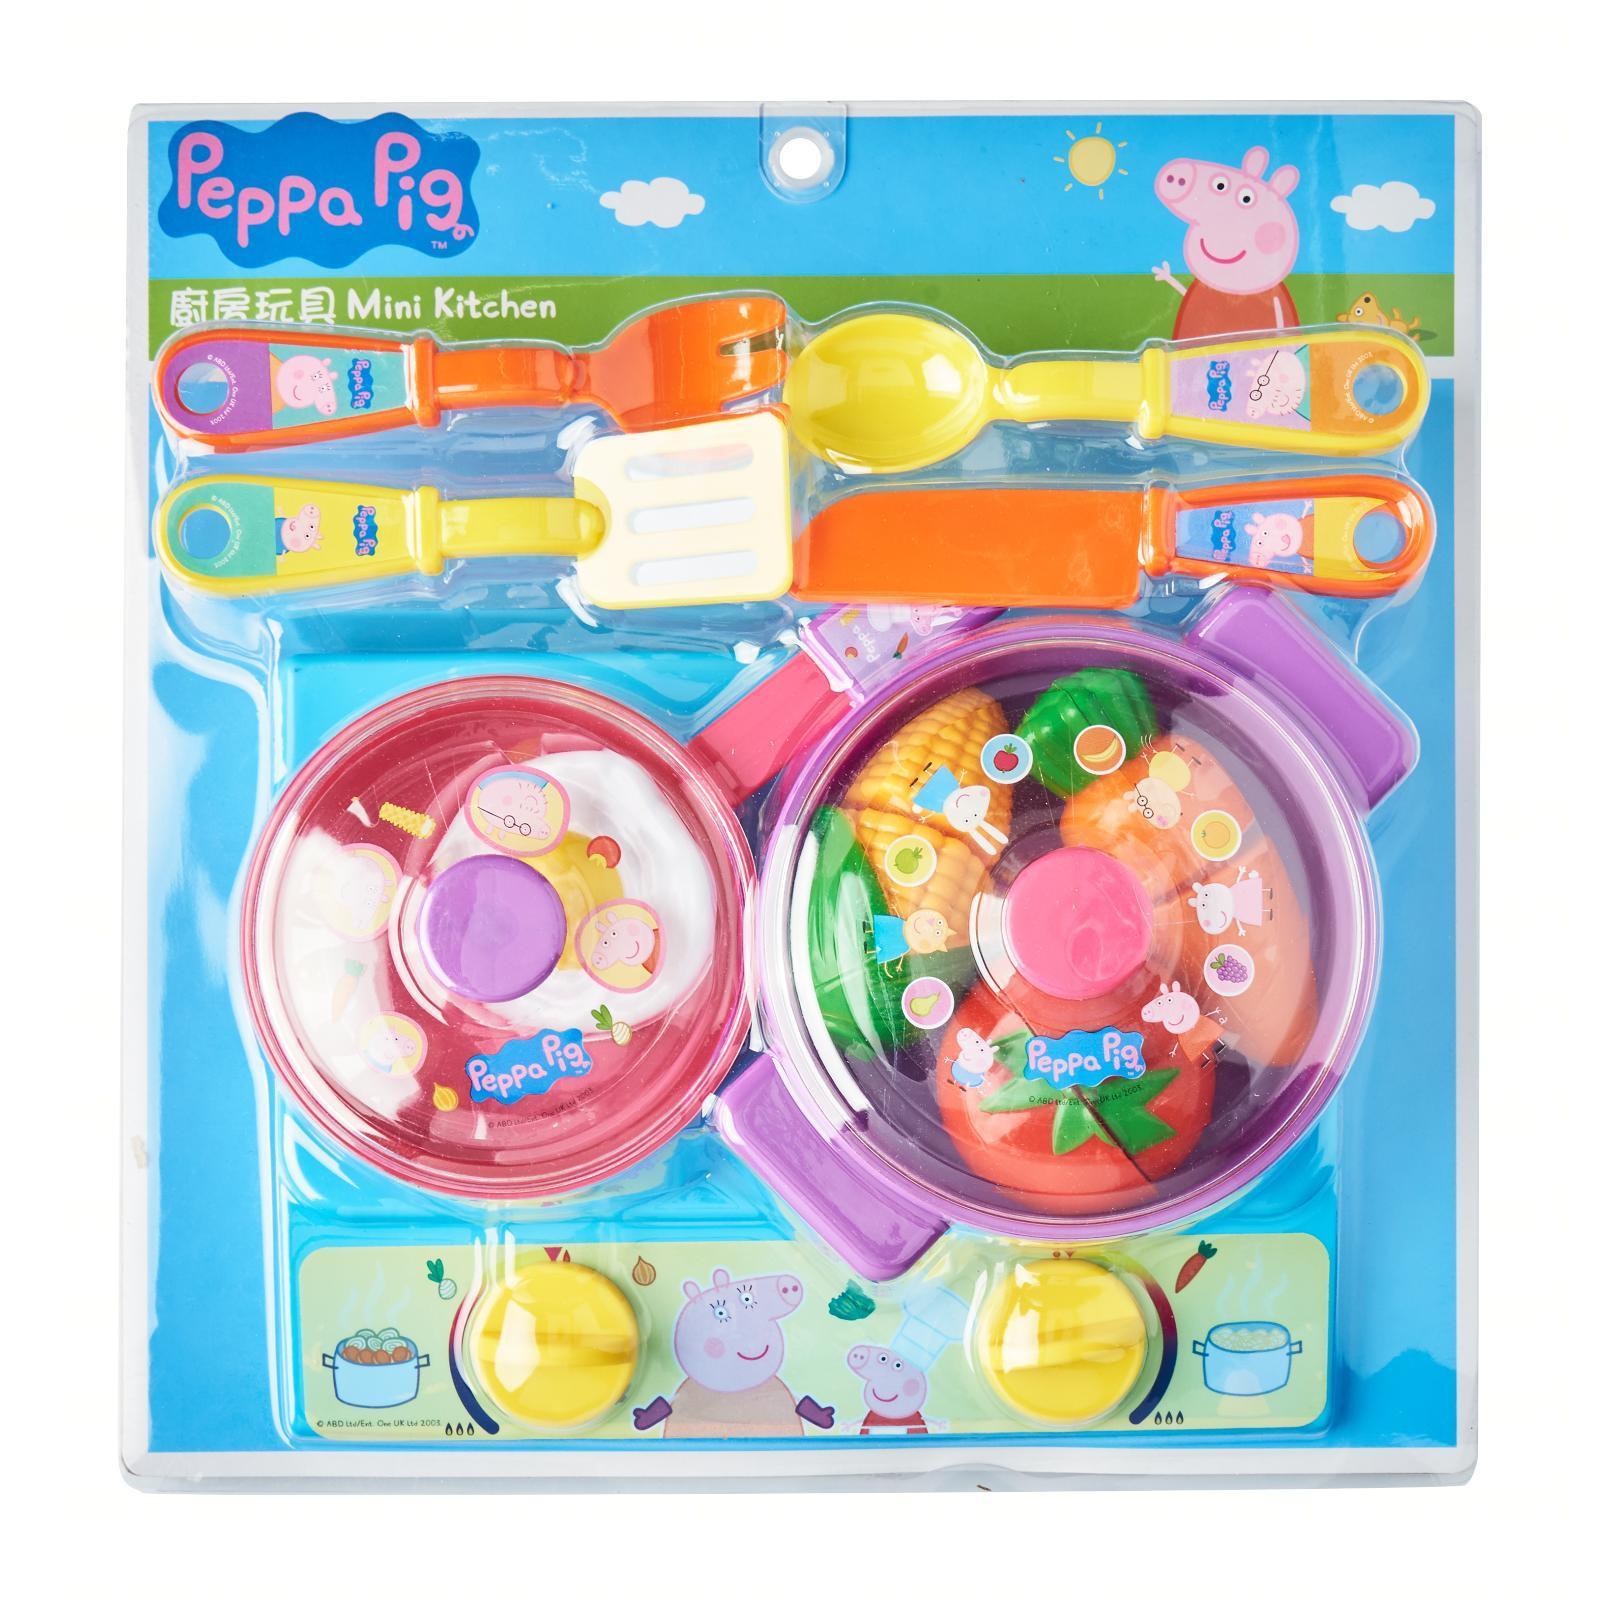 Peppa Pig Pp60660 Doctor Set